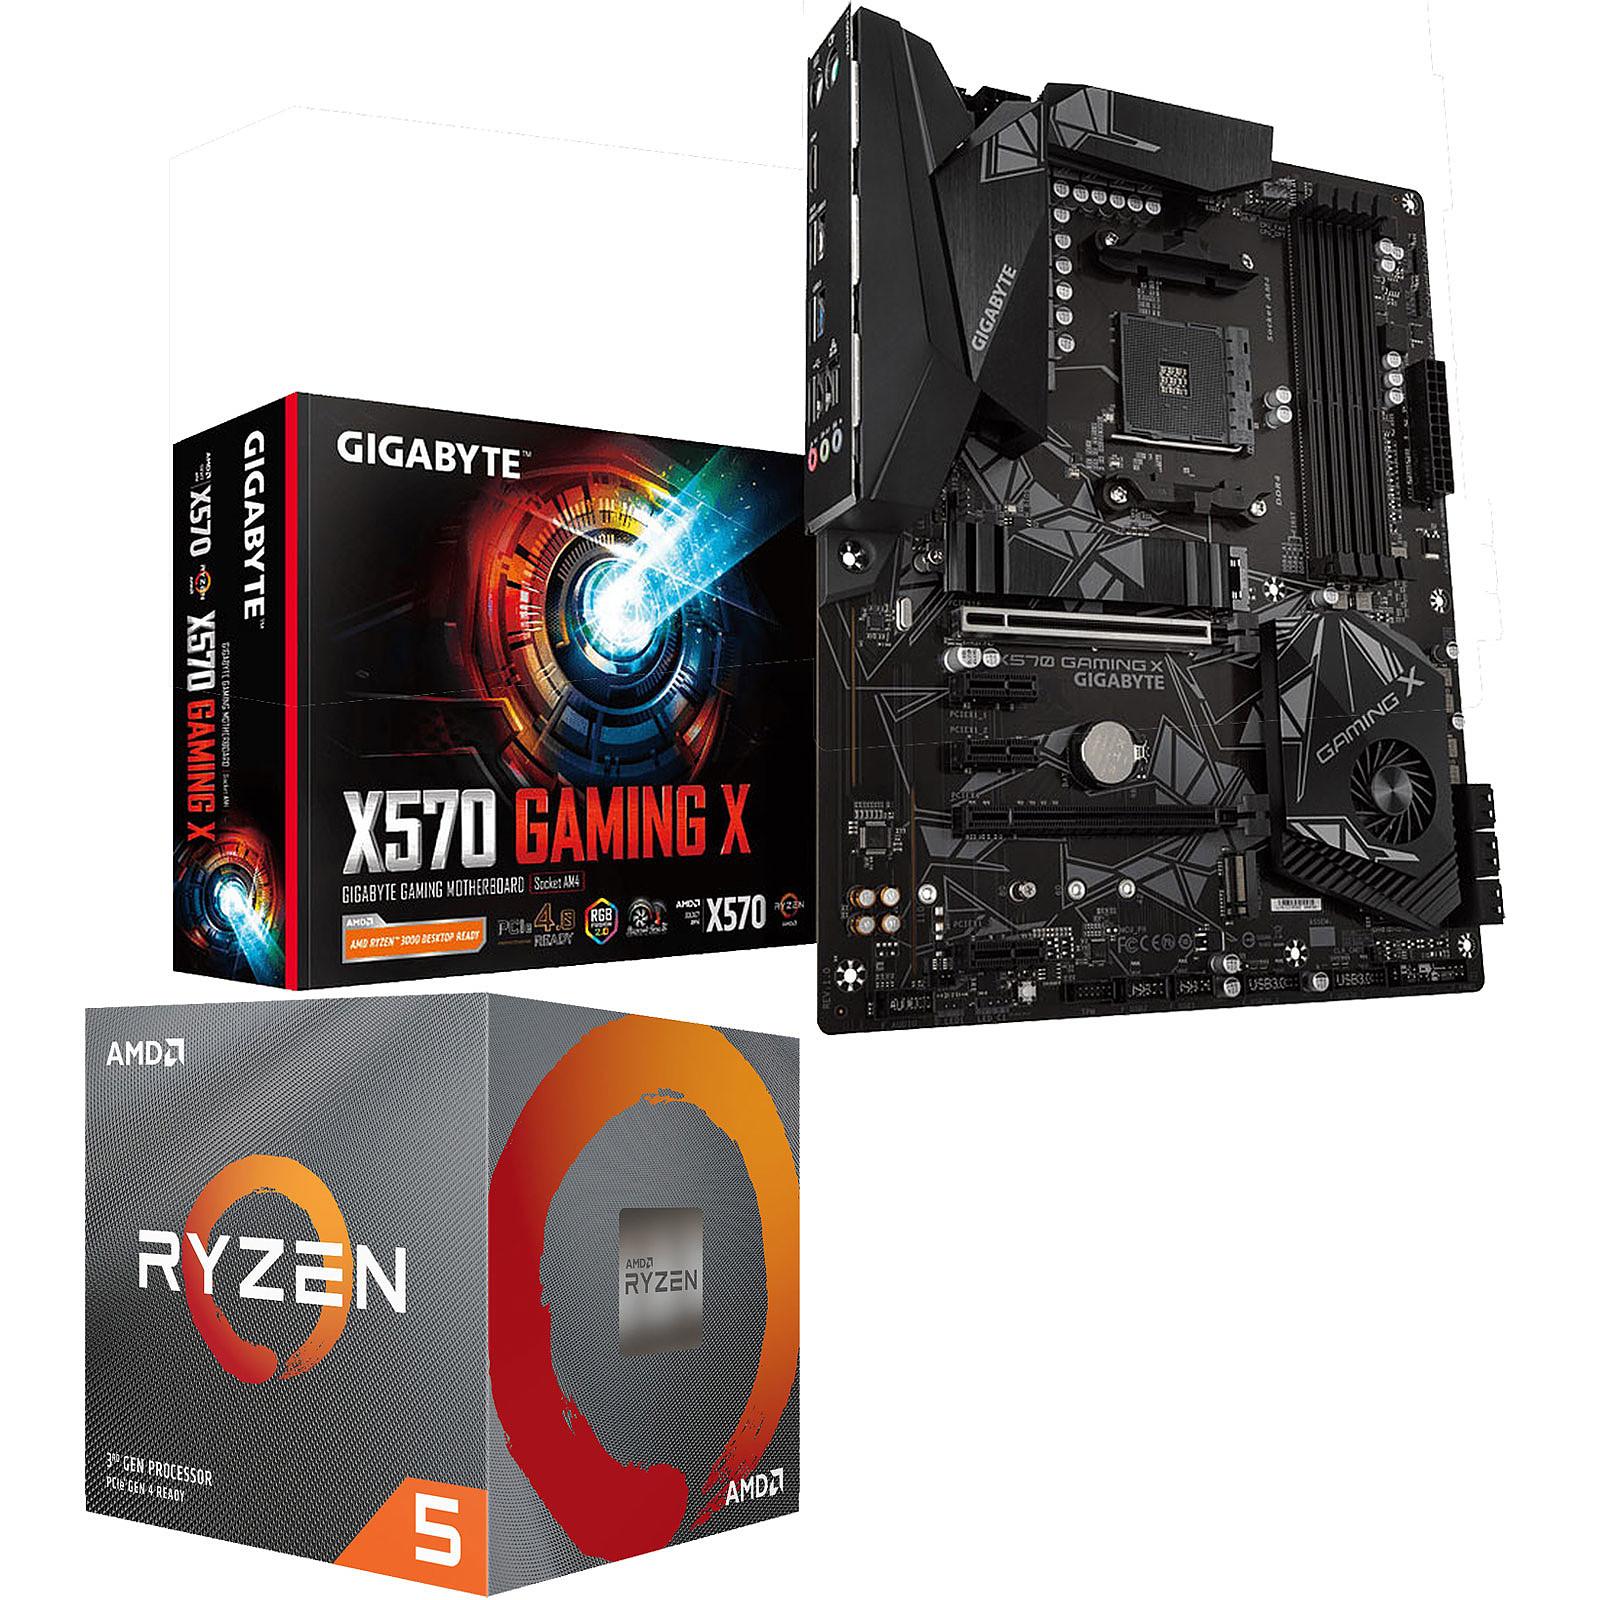 Kit Upgrade PC AMD Ryzen 5 3600 Gigabyte X570 GAMING X